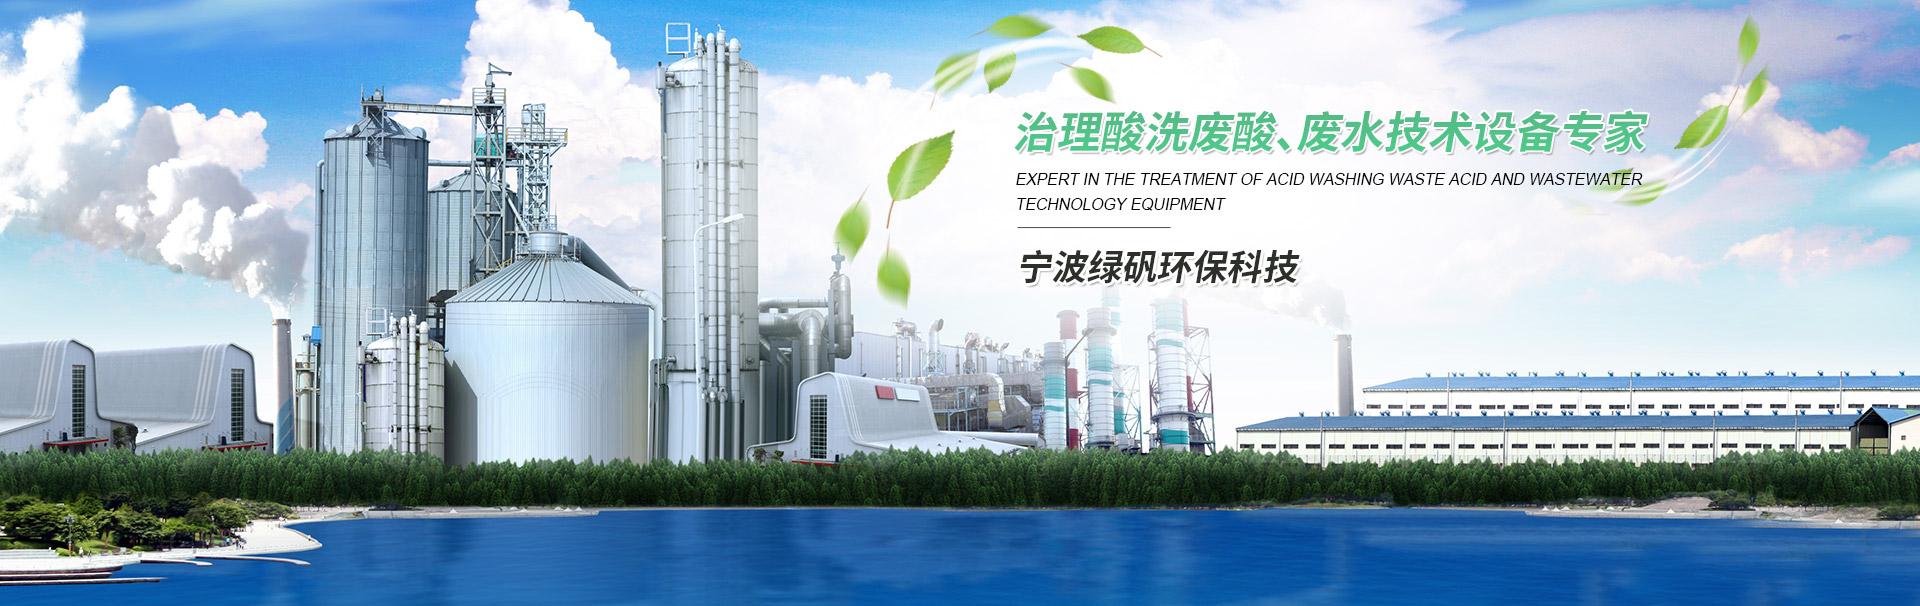 宁波绿矾环保科技有限公司